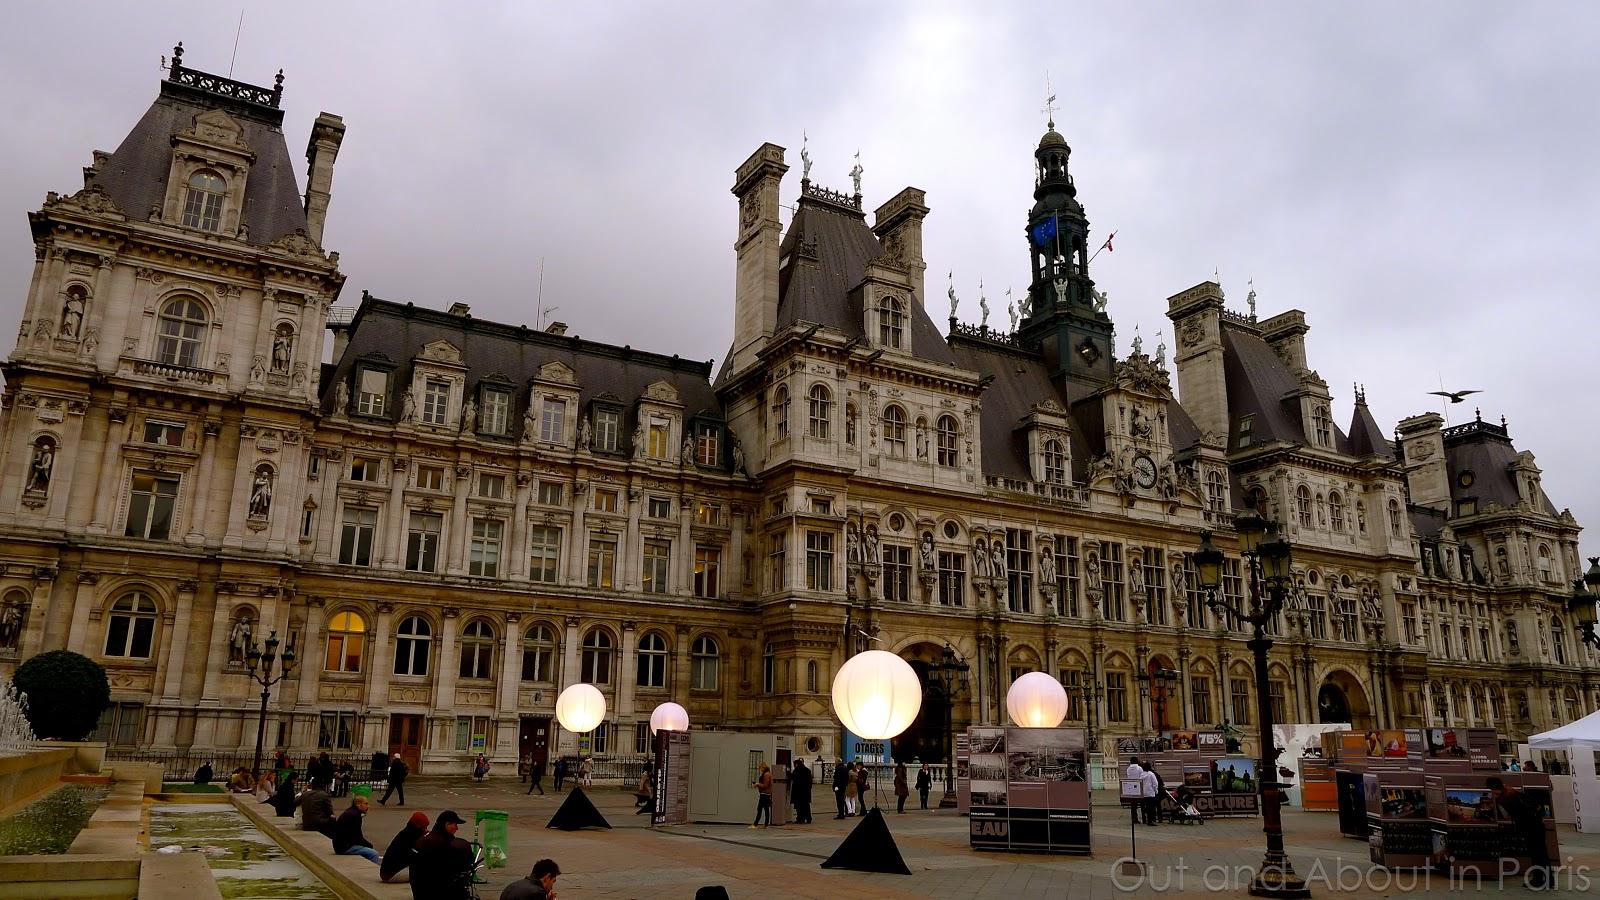 Hotel De La Butte hôtel de ville in paris: you've seen the outside, now it's